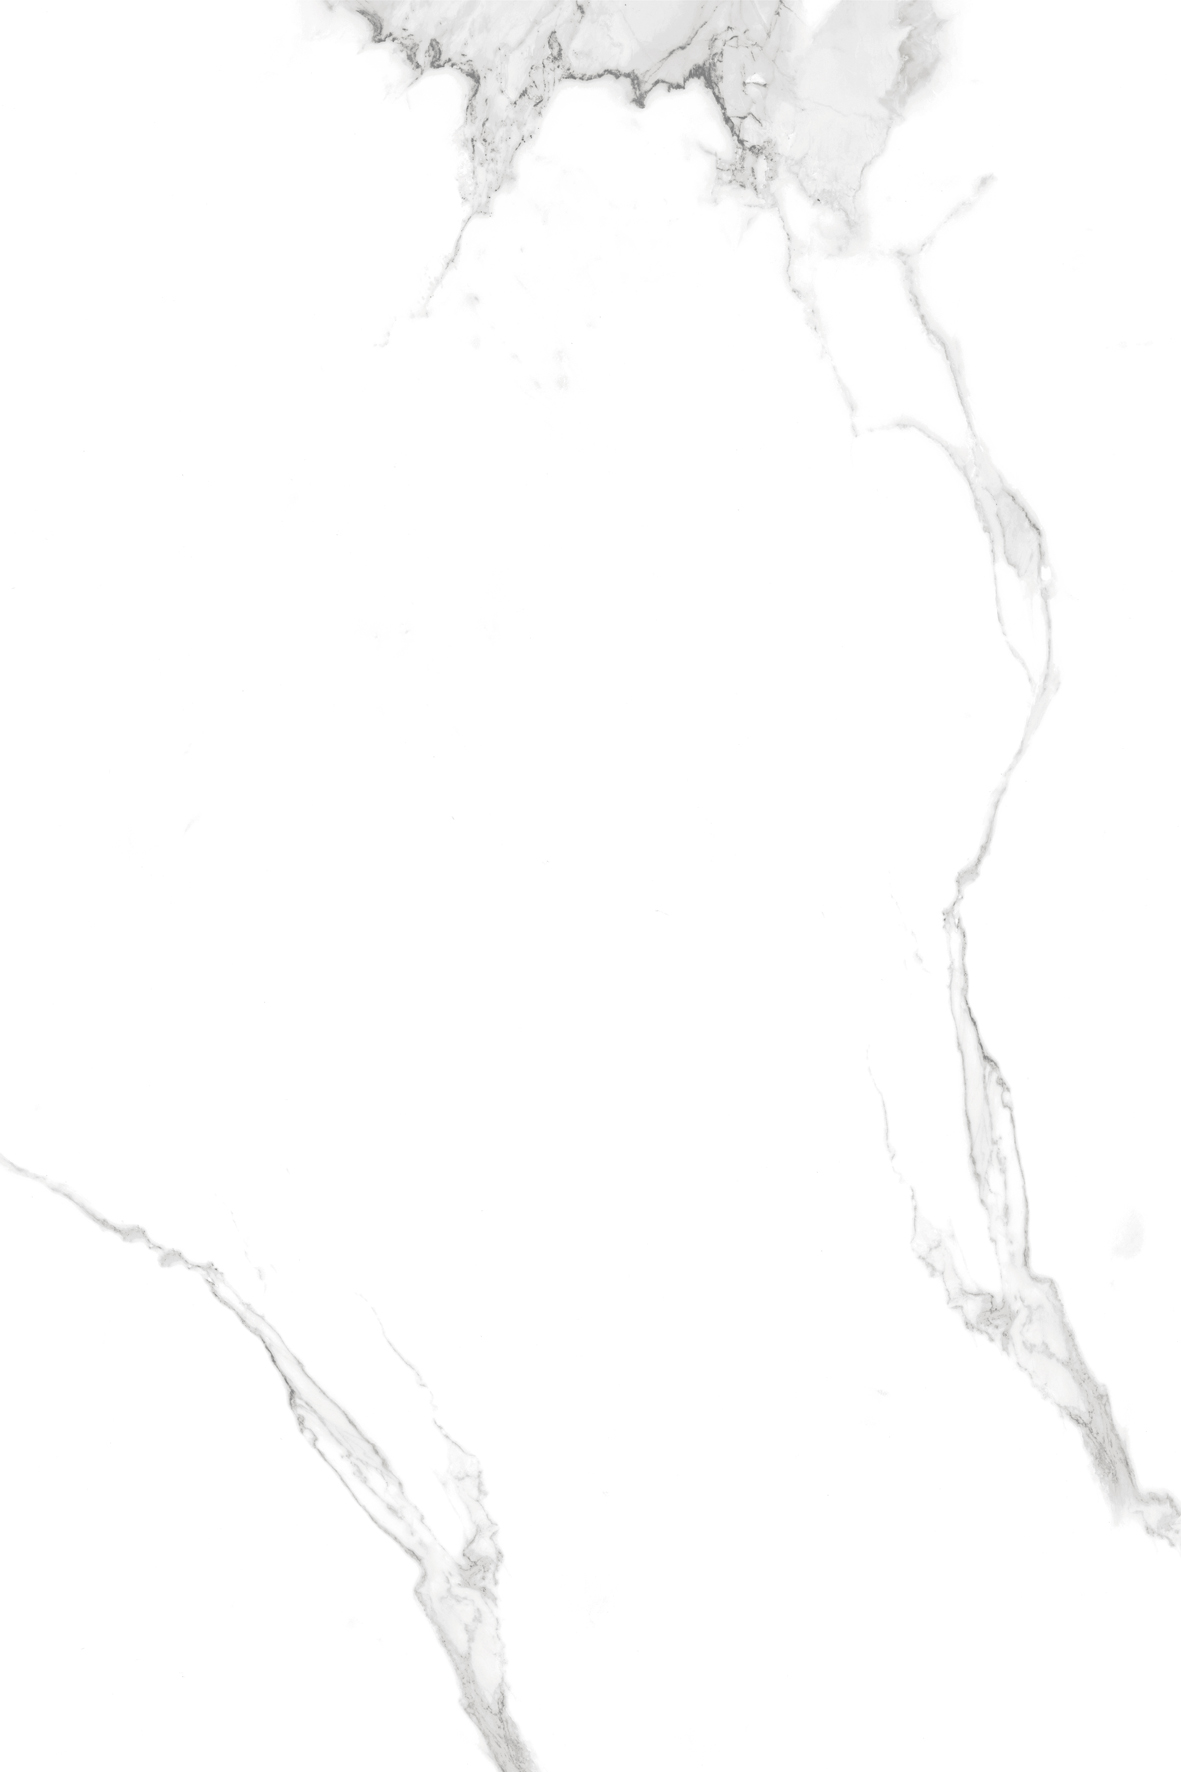 冠珠瓷砖极品卡拉拉大理石高清贴图【ID:236600300】